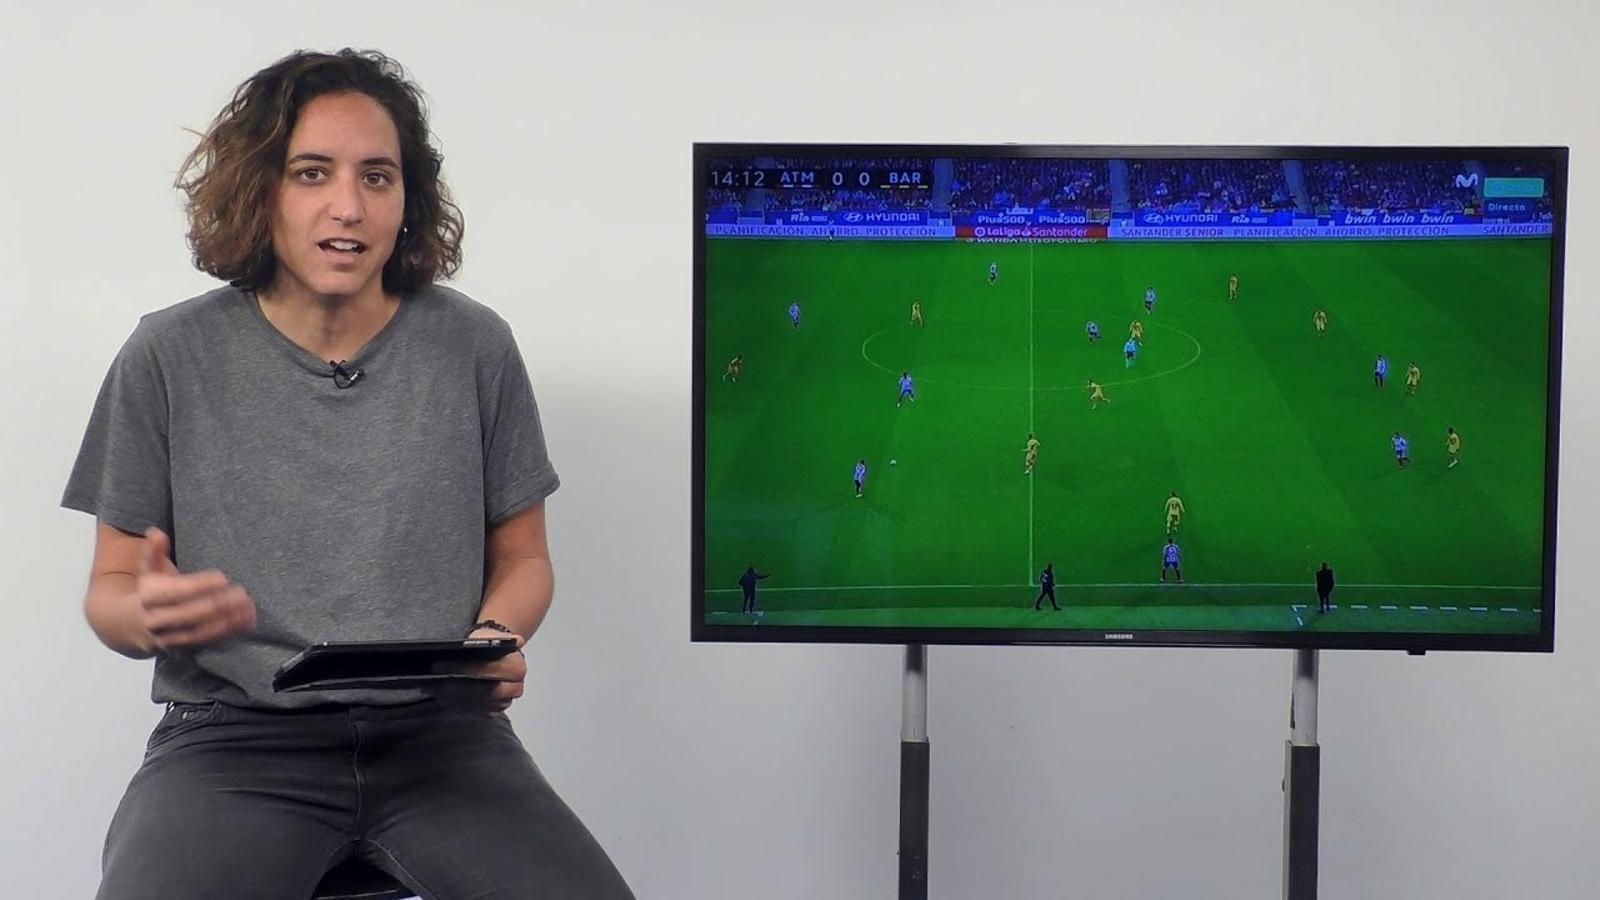 El mode contraatac del Barça